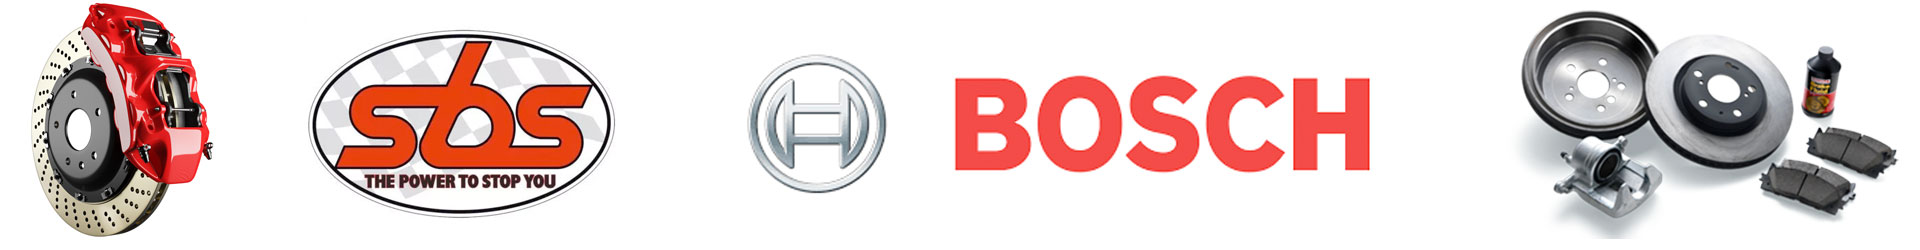 Bilde av bremser på bil, logo obs og Bosch